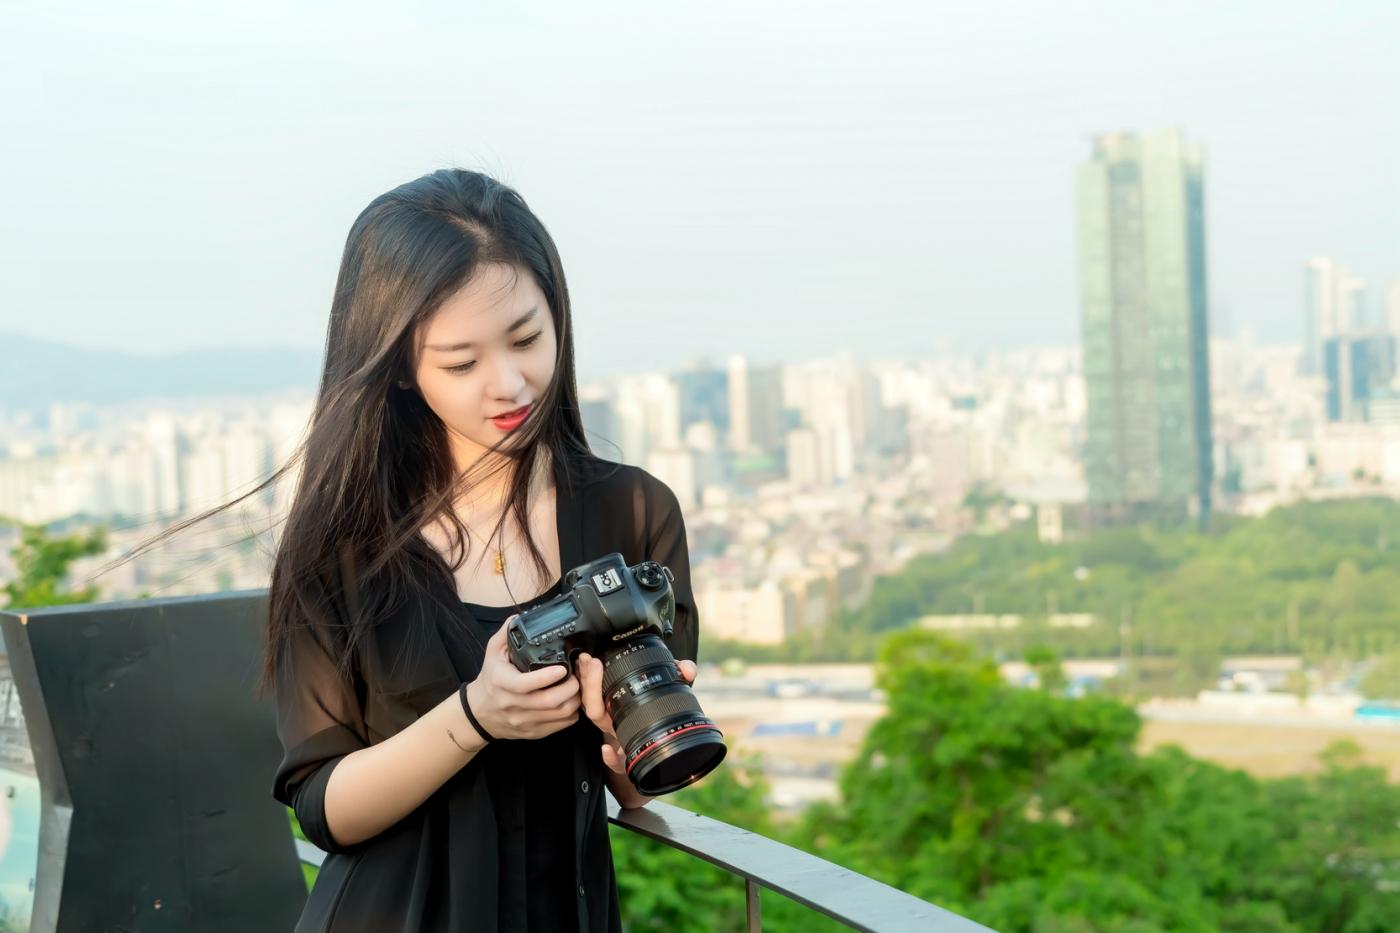 我所见过的最漂亮的女摄影师 姑娘的摄影是舞蹈老师教的吧_图1-10